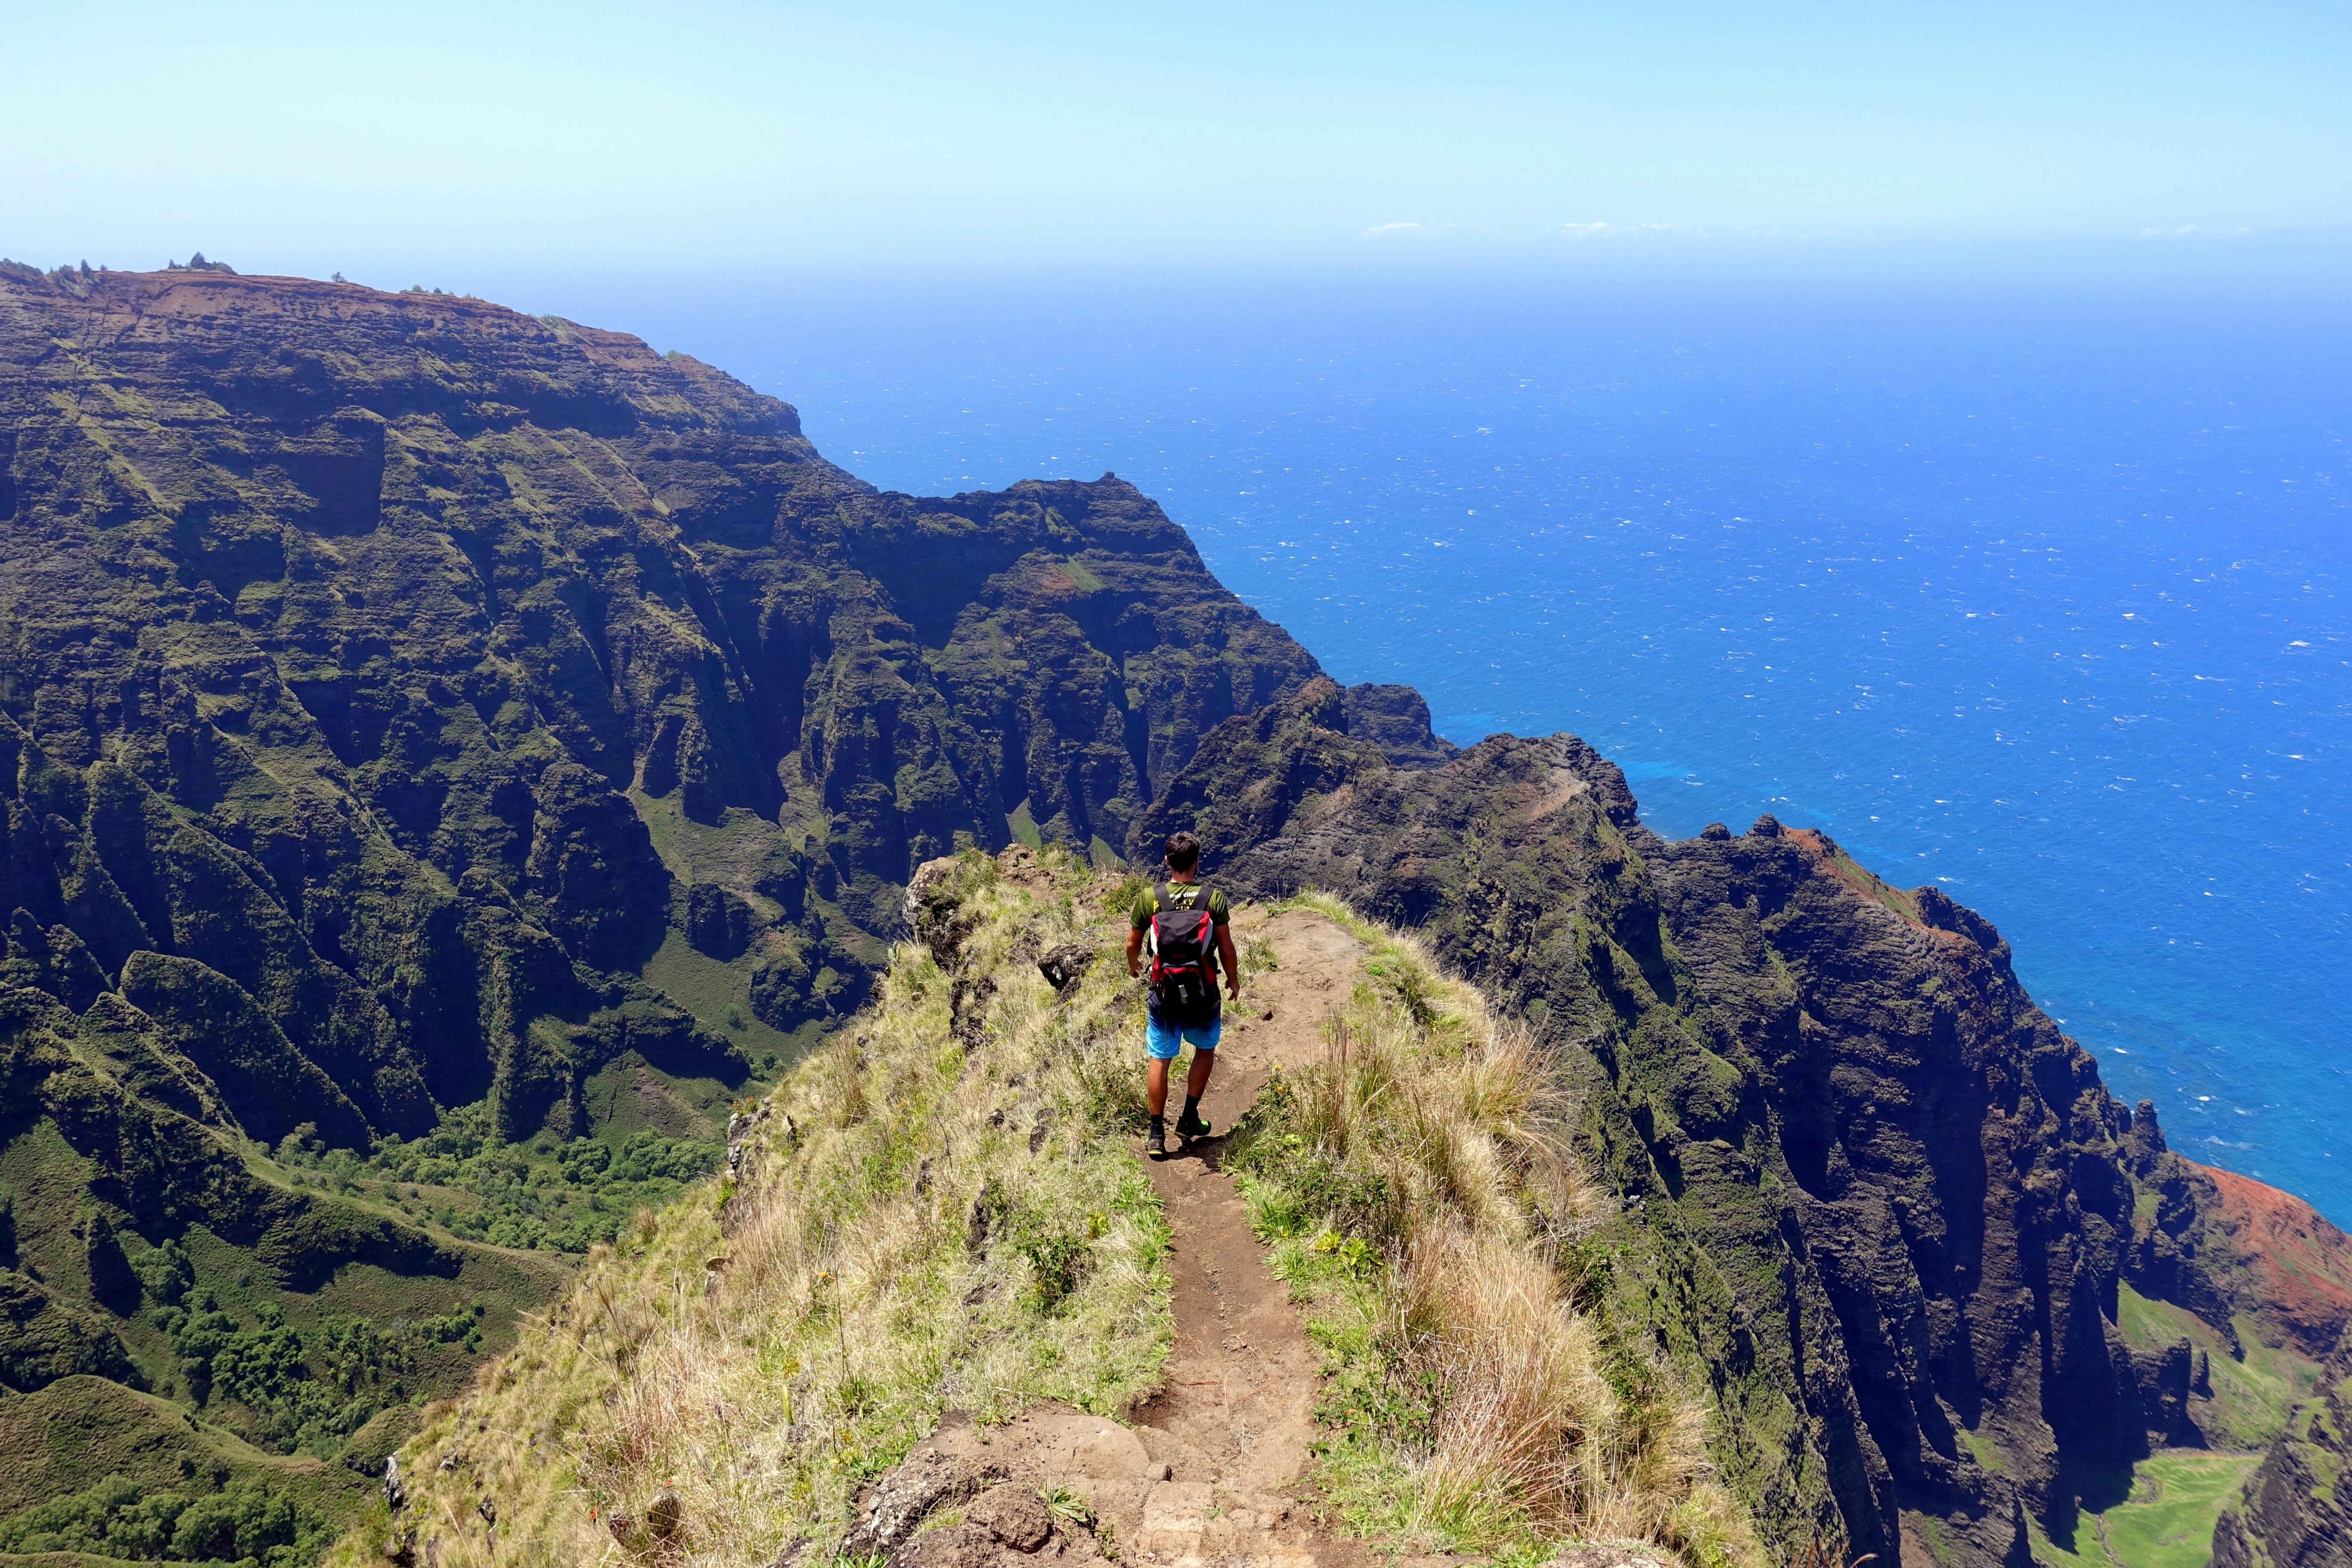 Sehenswürdikeiten auf Kauai - Highlight ist der Kokee Statepark